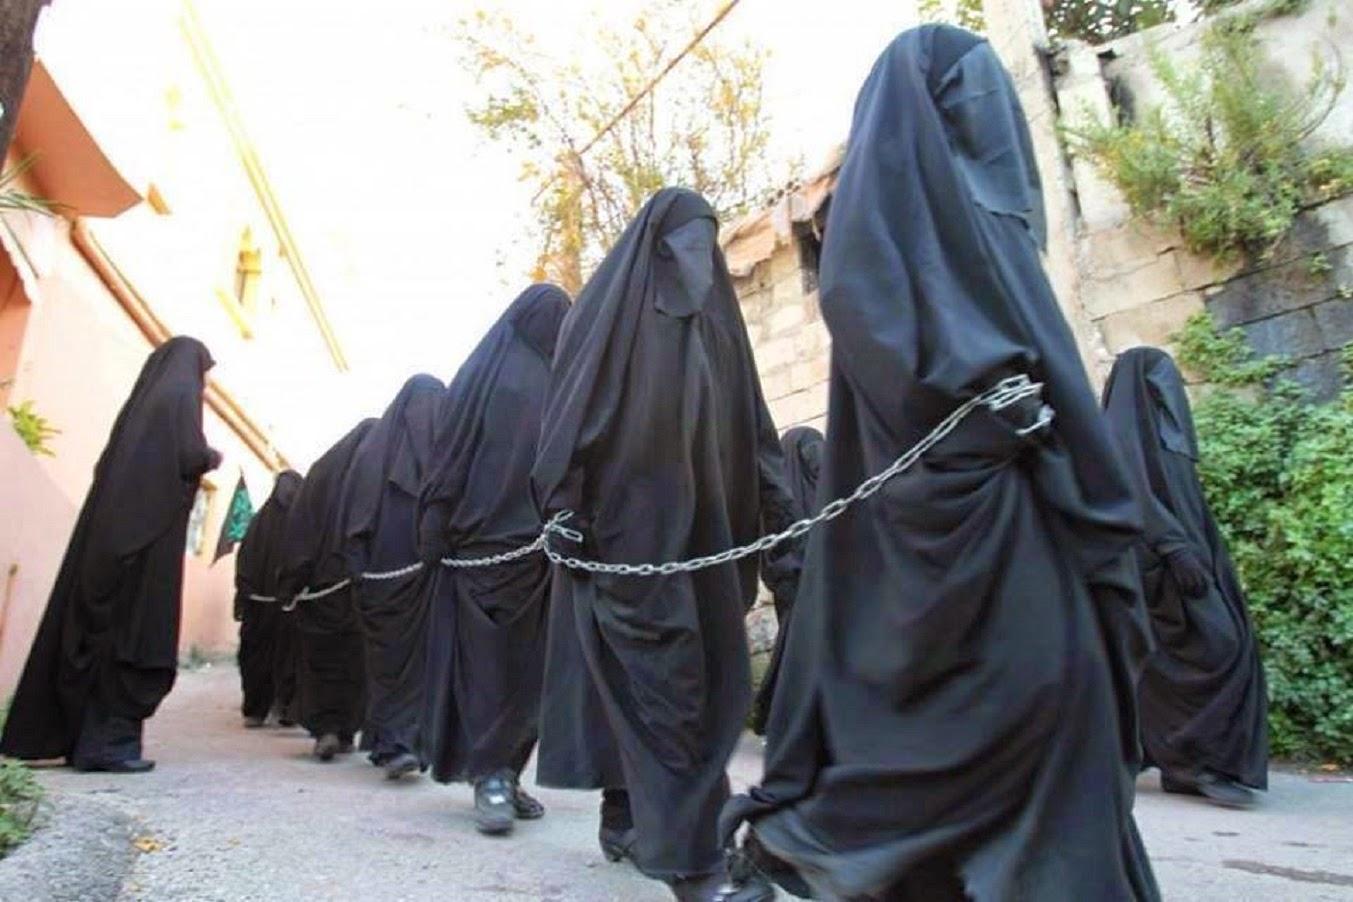 بالفيديو أحدث أسلوب في بيع النساء السبايا بين عناصر التنظيم